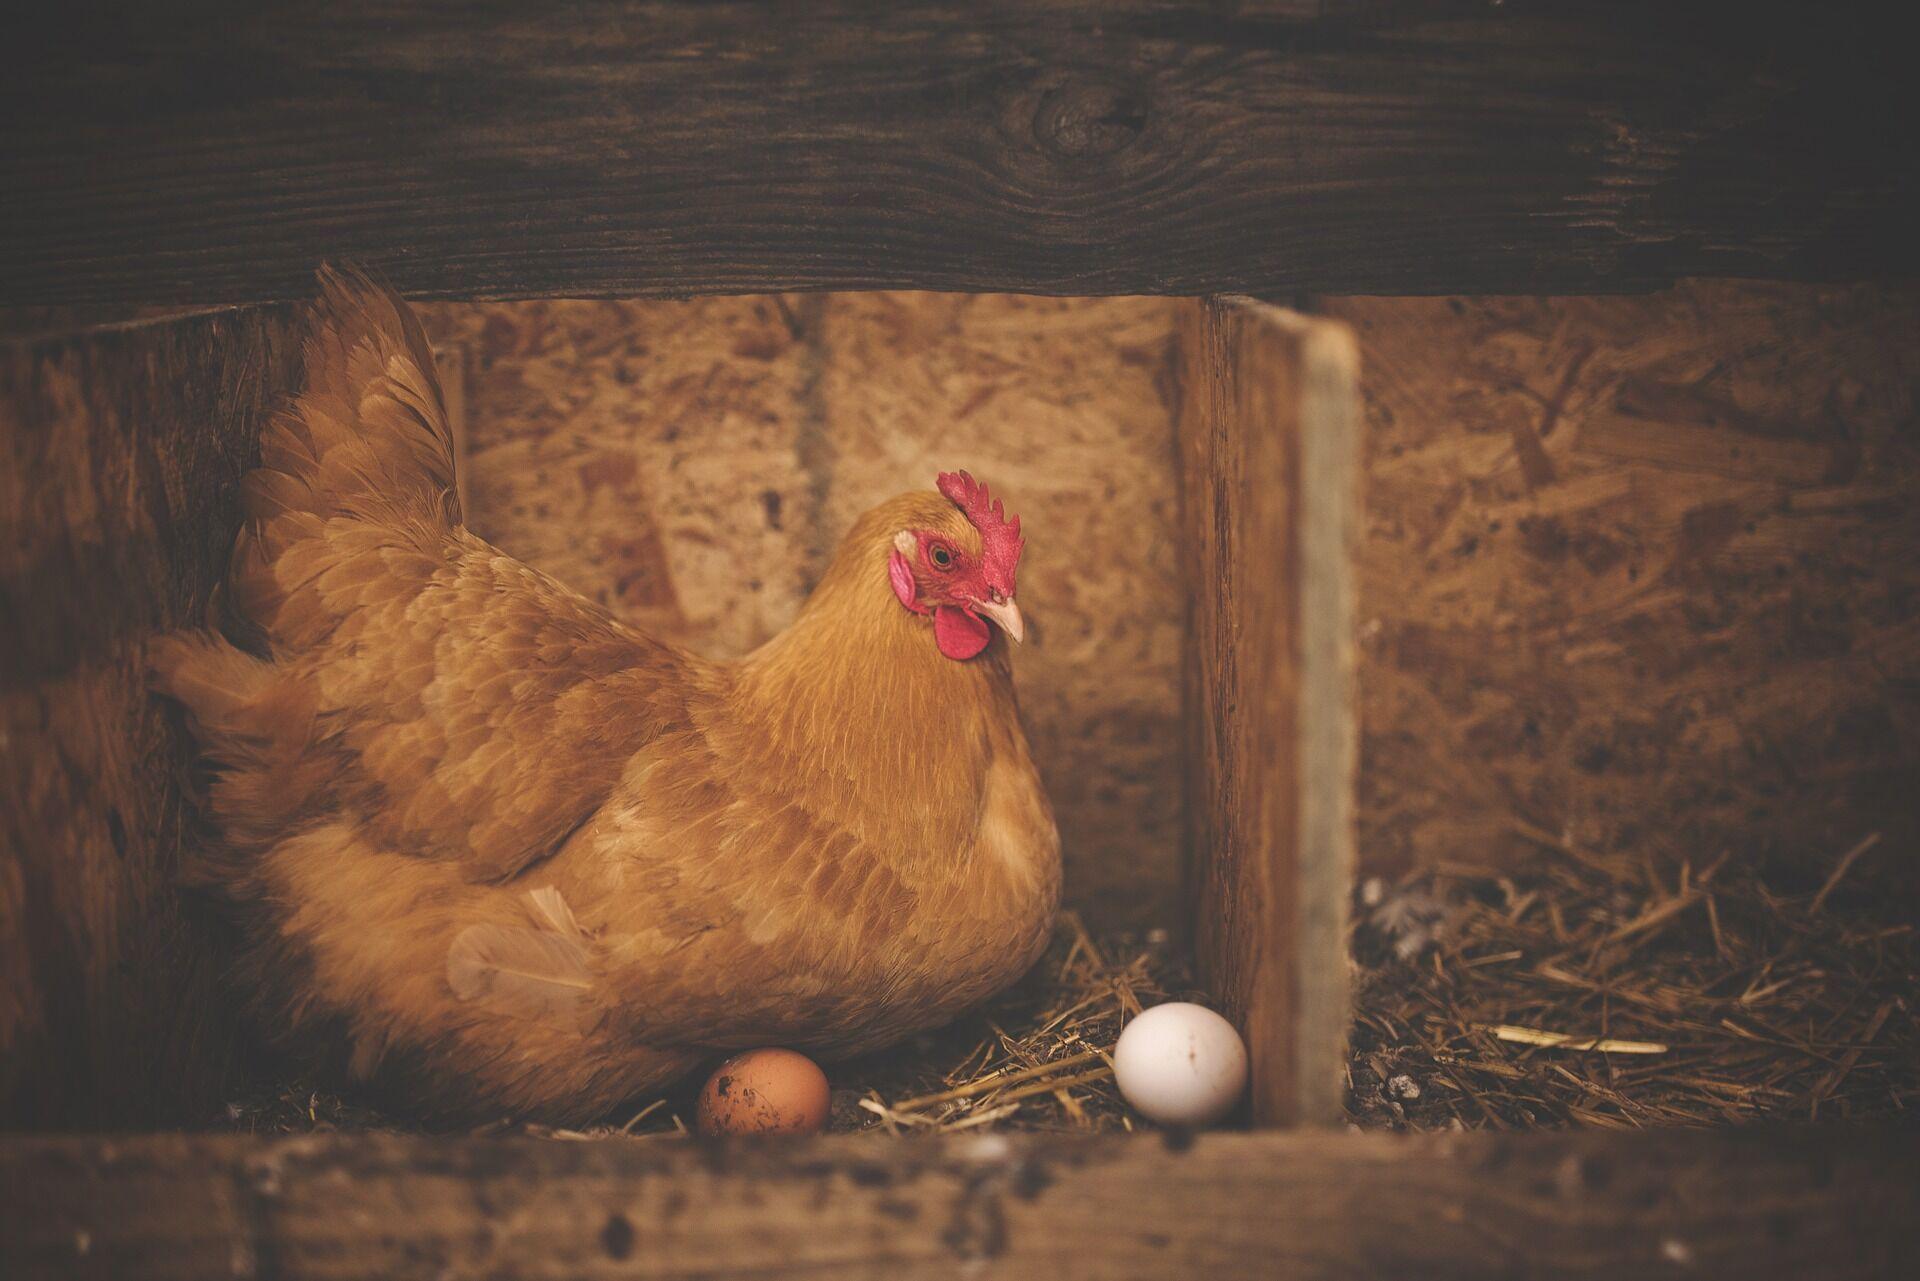 Чтобы не дать Василиску родиться в этом мире, люди забирали все яйца из курятника и варили их.